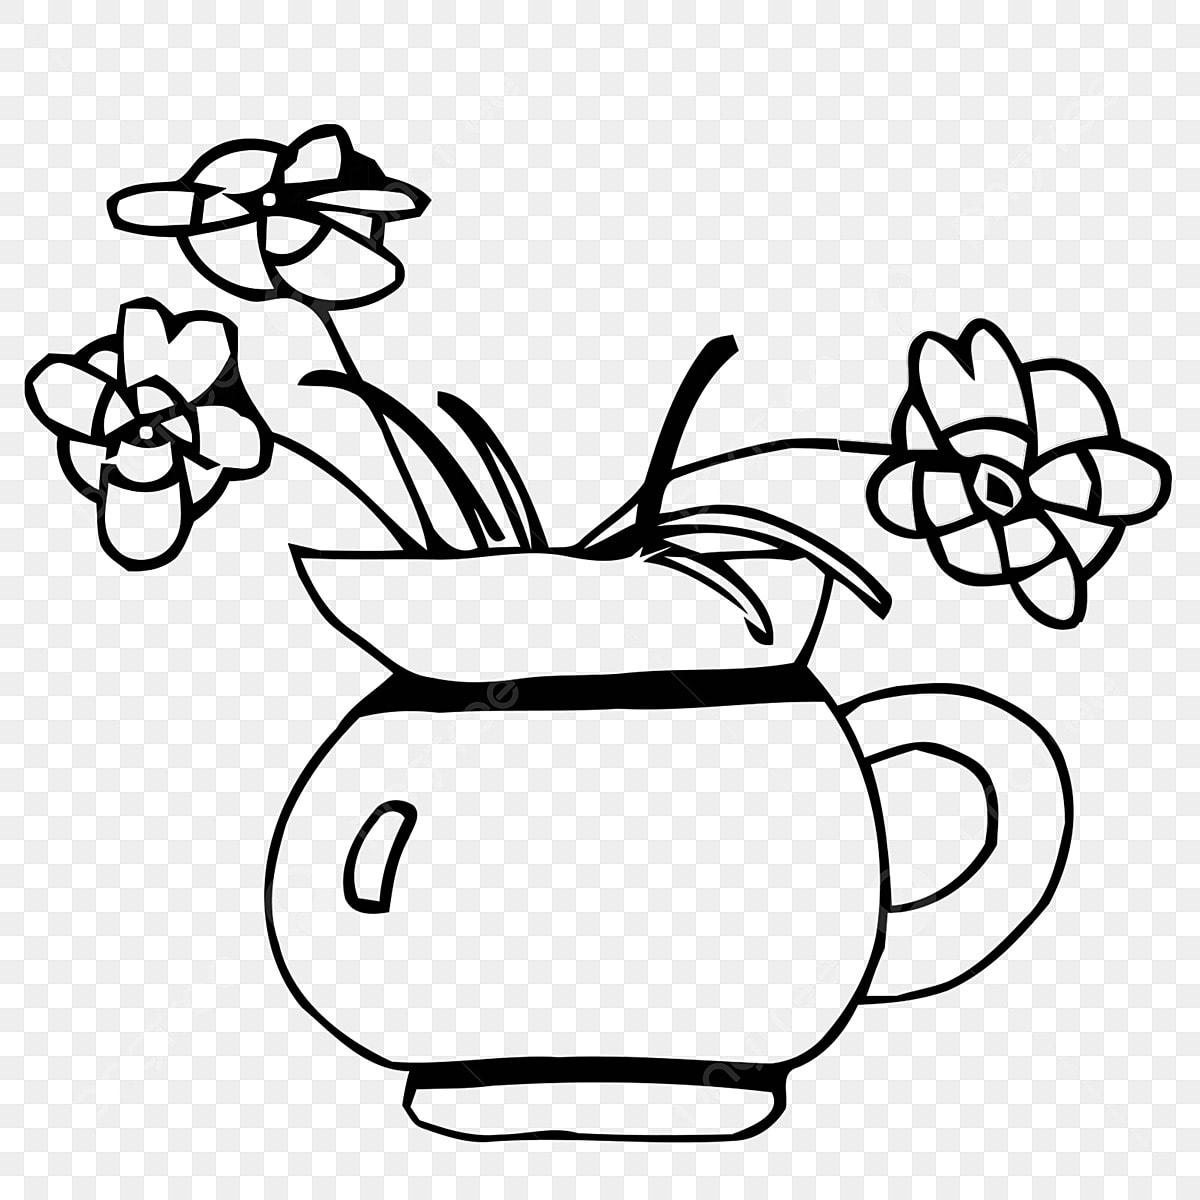 Des Fleurs Dessin Fleur Noir Et Blanc Fichier Png Et Psd